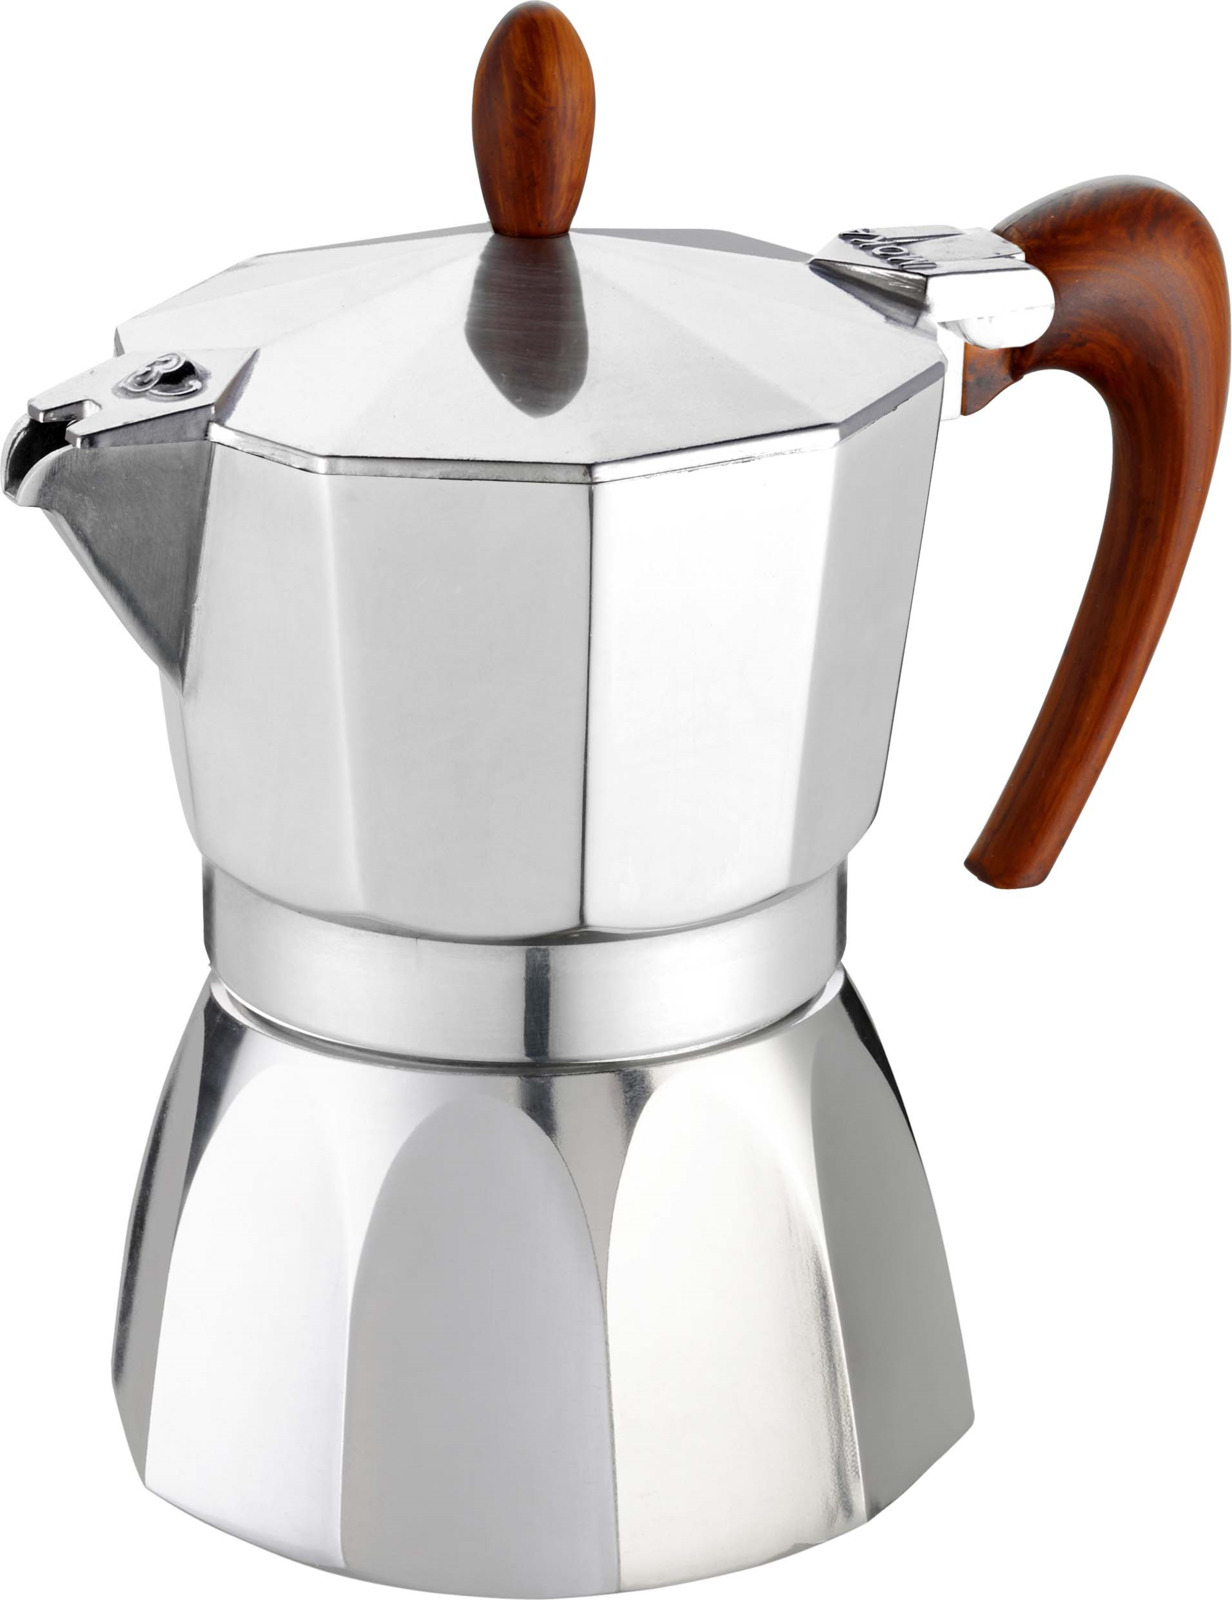 Кофеварка гейзерная G.A.T. 02-030-03 MAGNIFICA. Гейзерная кофеварка - это отличная возможность побаловать себя чашечкой великолепного ароматного кофе. Кофеварка рассчитана на 3 чашки. За считанные минуты прибор приготовит ваш любимый напиток и моментально наполнит кухню изумительным ароматом. Прочная алюминиевая основа придает кофеварке легкость и надежность, а стильный дизайн добавит кухонному интерьеру элегантности и особого шарма. Основные отличительные особенности кофеварок Magnifica: удобный носик для наливания кофе; стильный ремень, соединяющий верхнюю и нижнюю части кофеварки; специальное внутреннее покрытие, обеспечивающее легкую очистку и обслуживание; ручка из термостойкого пластика; кофеварка подходит для использования на всех типах плит, в том числе и индукционных.